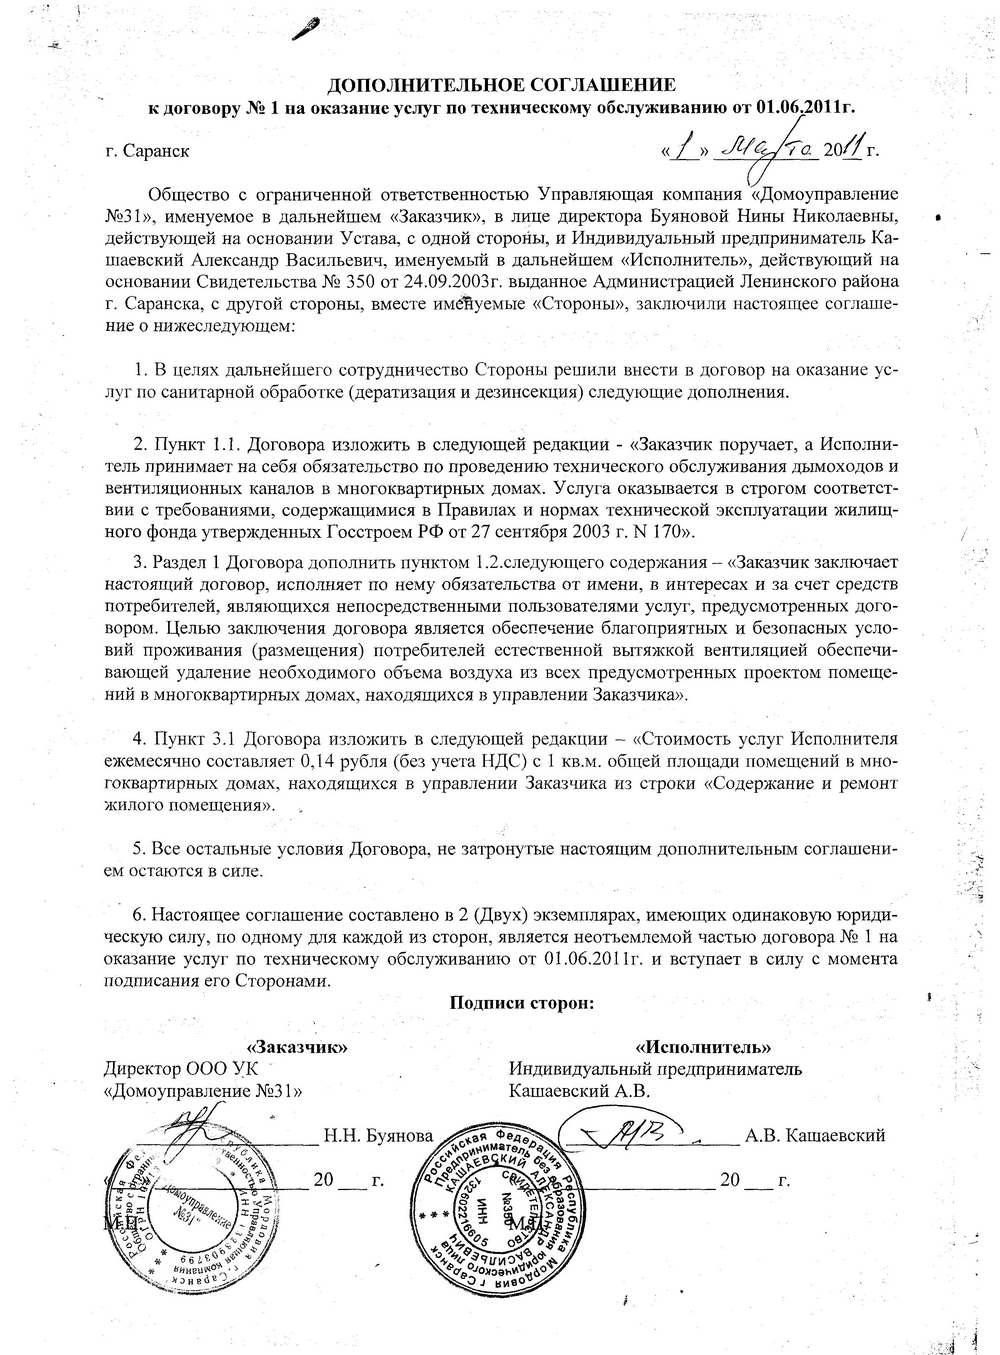 дополнительное соглашение о снижении цены договора образец